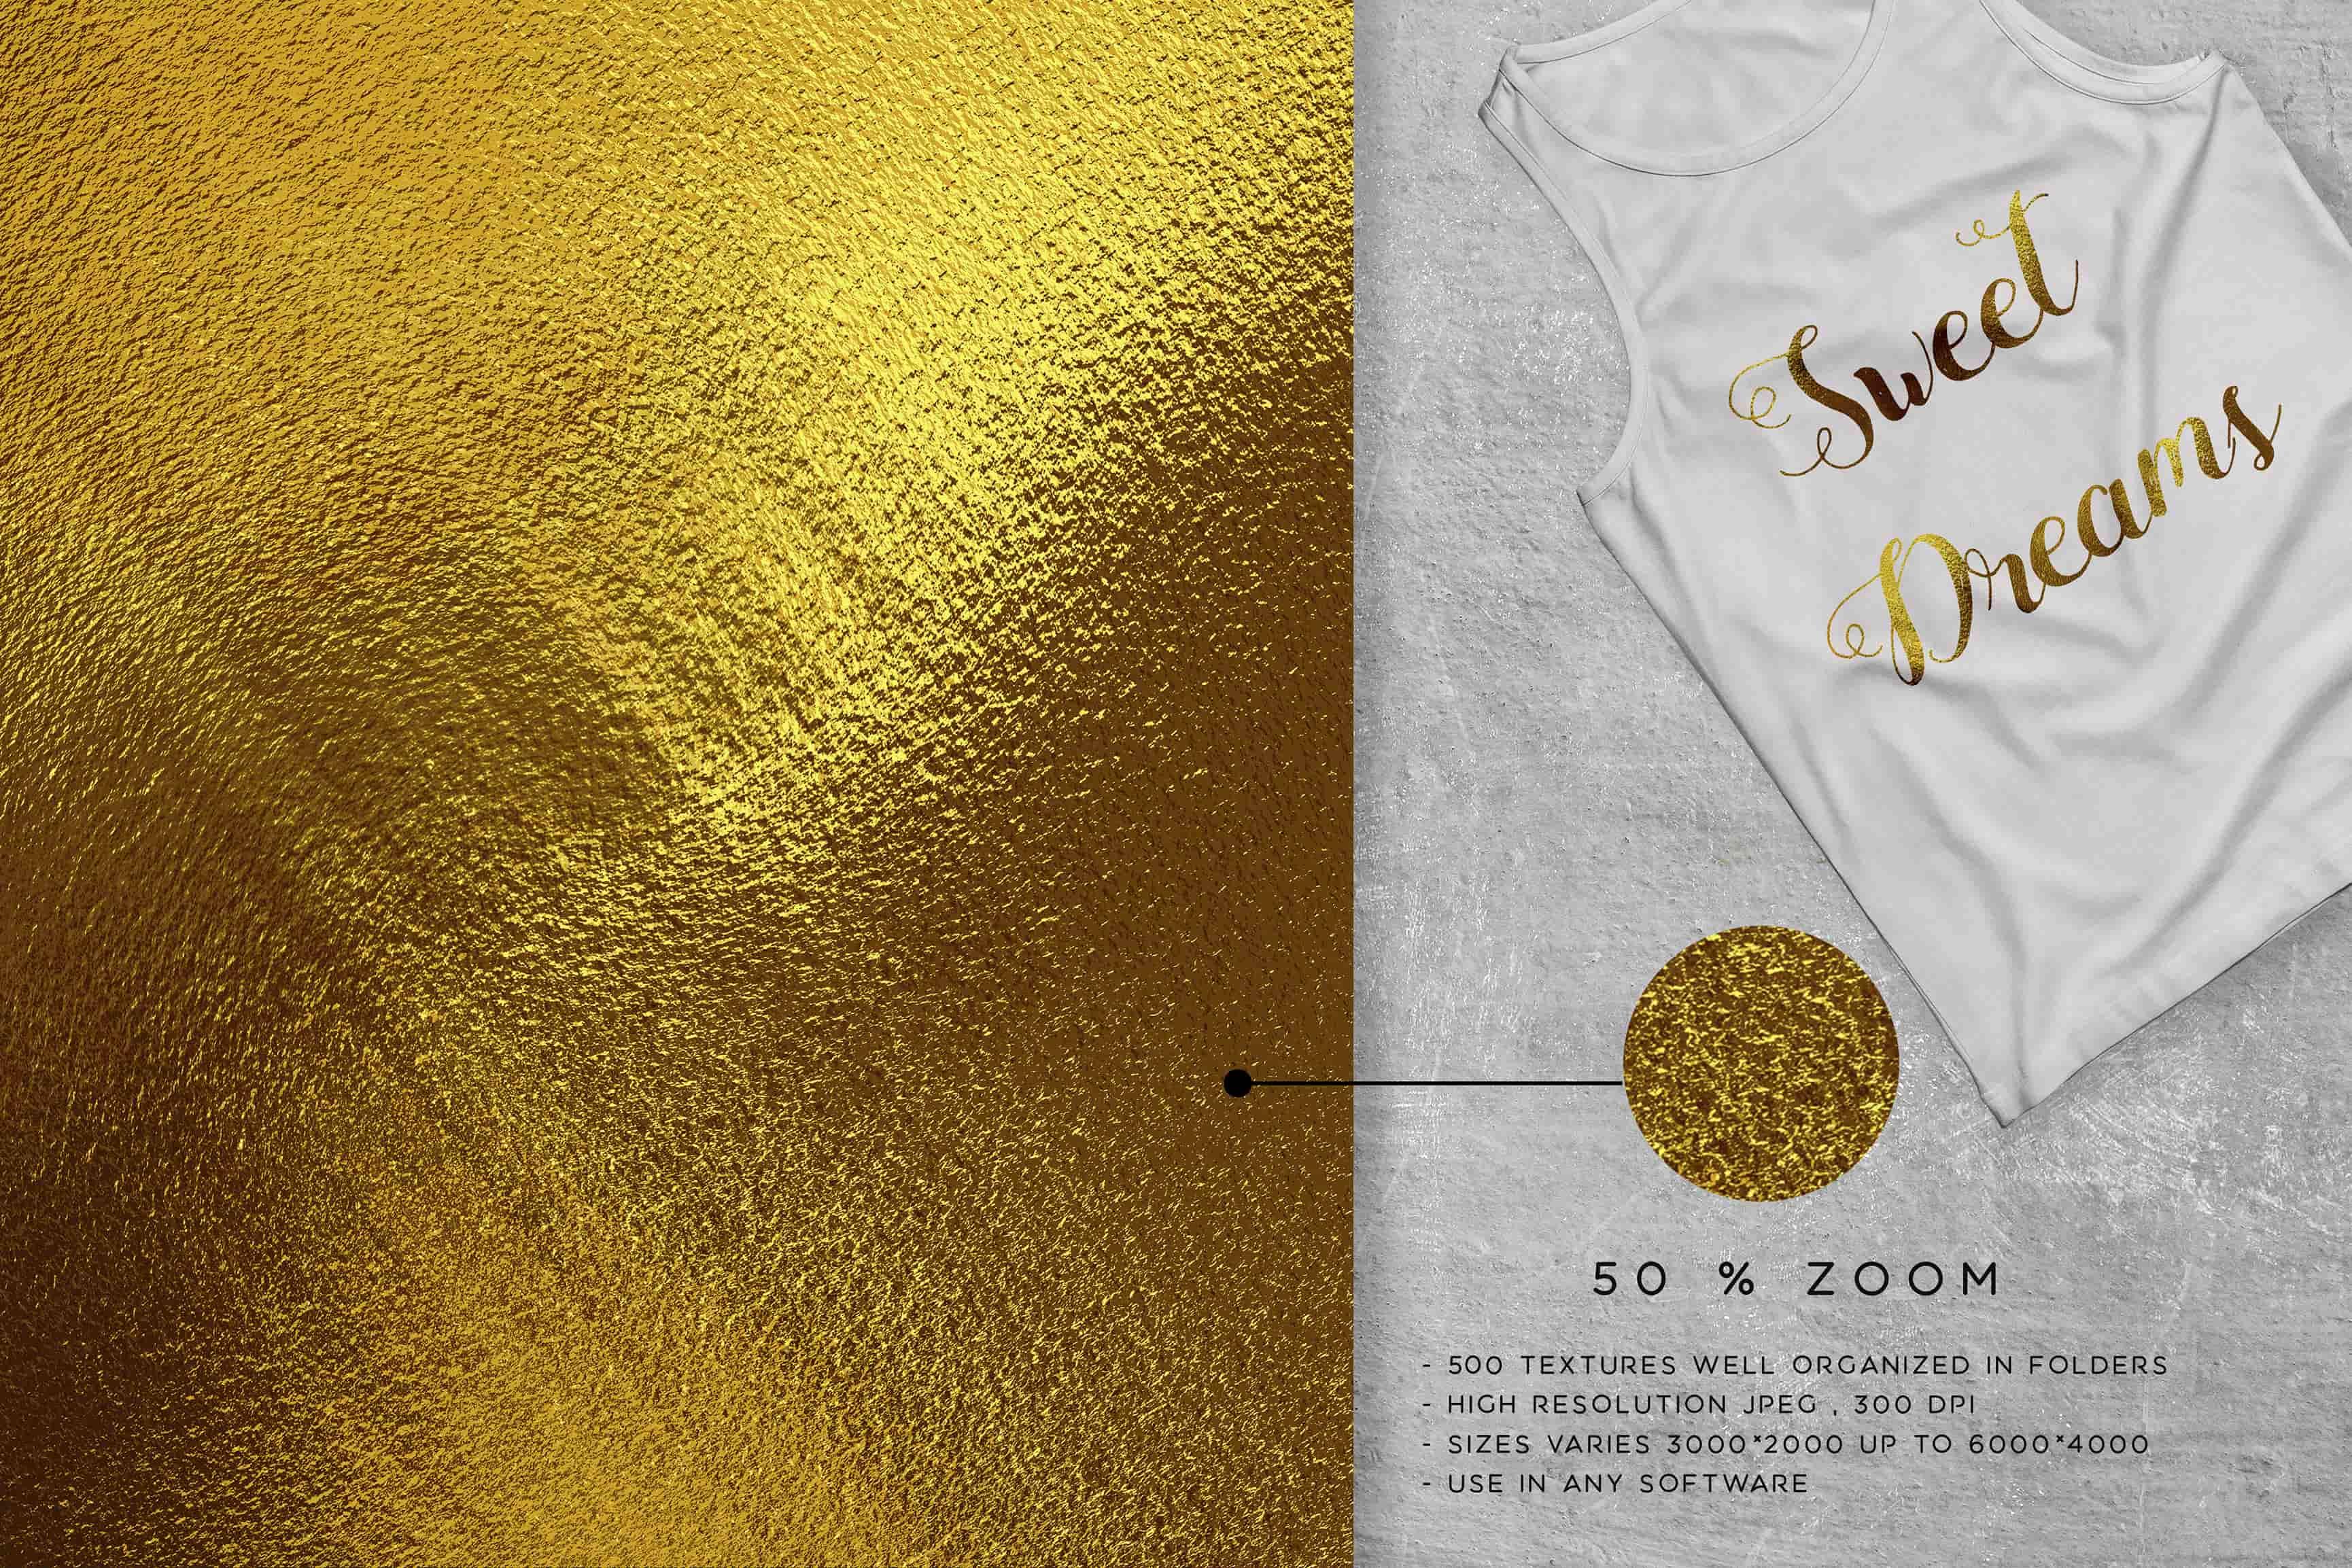 805 Beautiful Textures: Glamourous  Bundle - $25 - shirt gold min